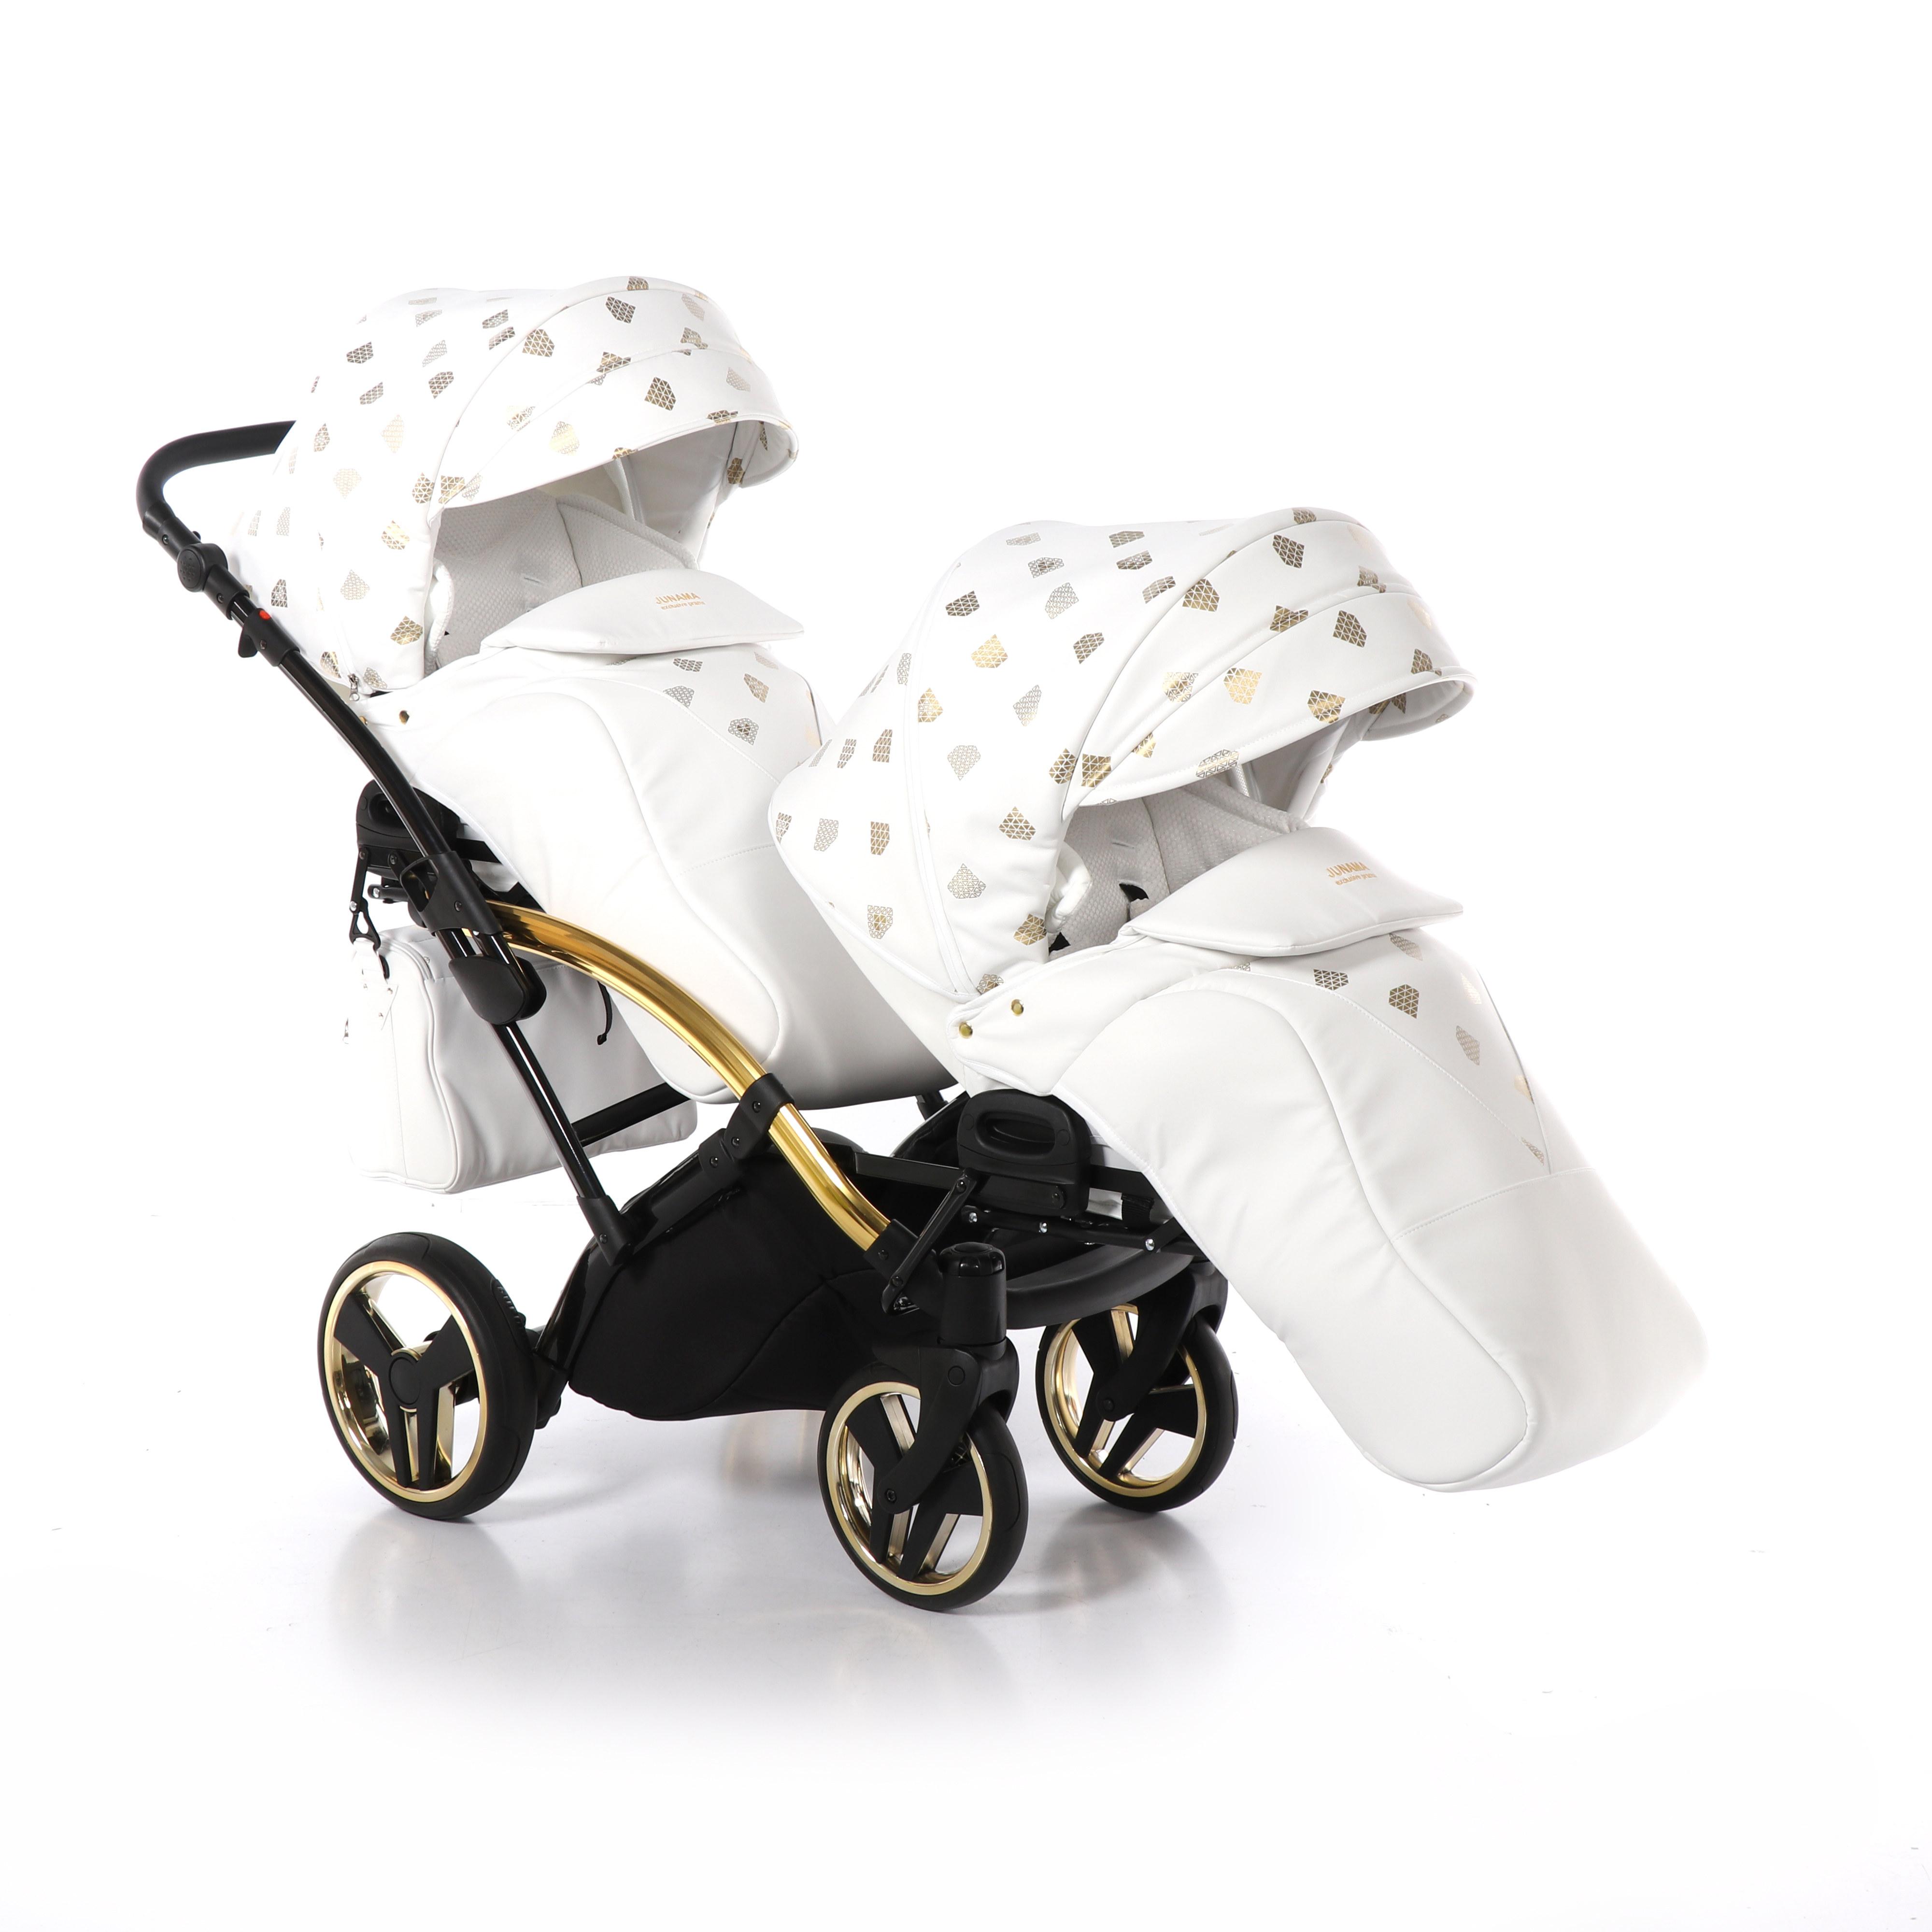 bliźniaczy wózek wielofunkcyjny Glow Duo Slim Junama